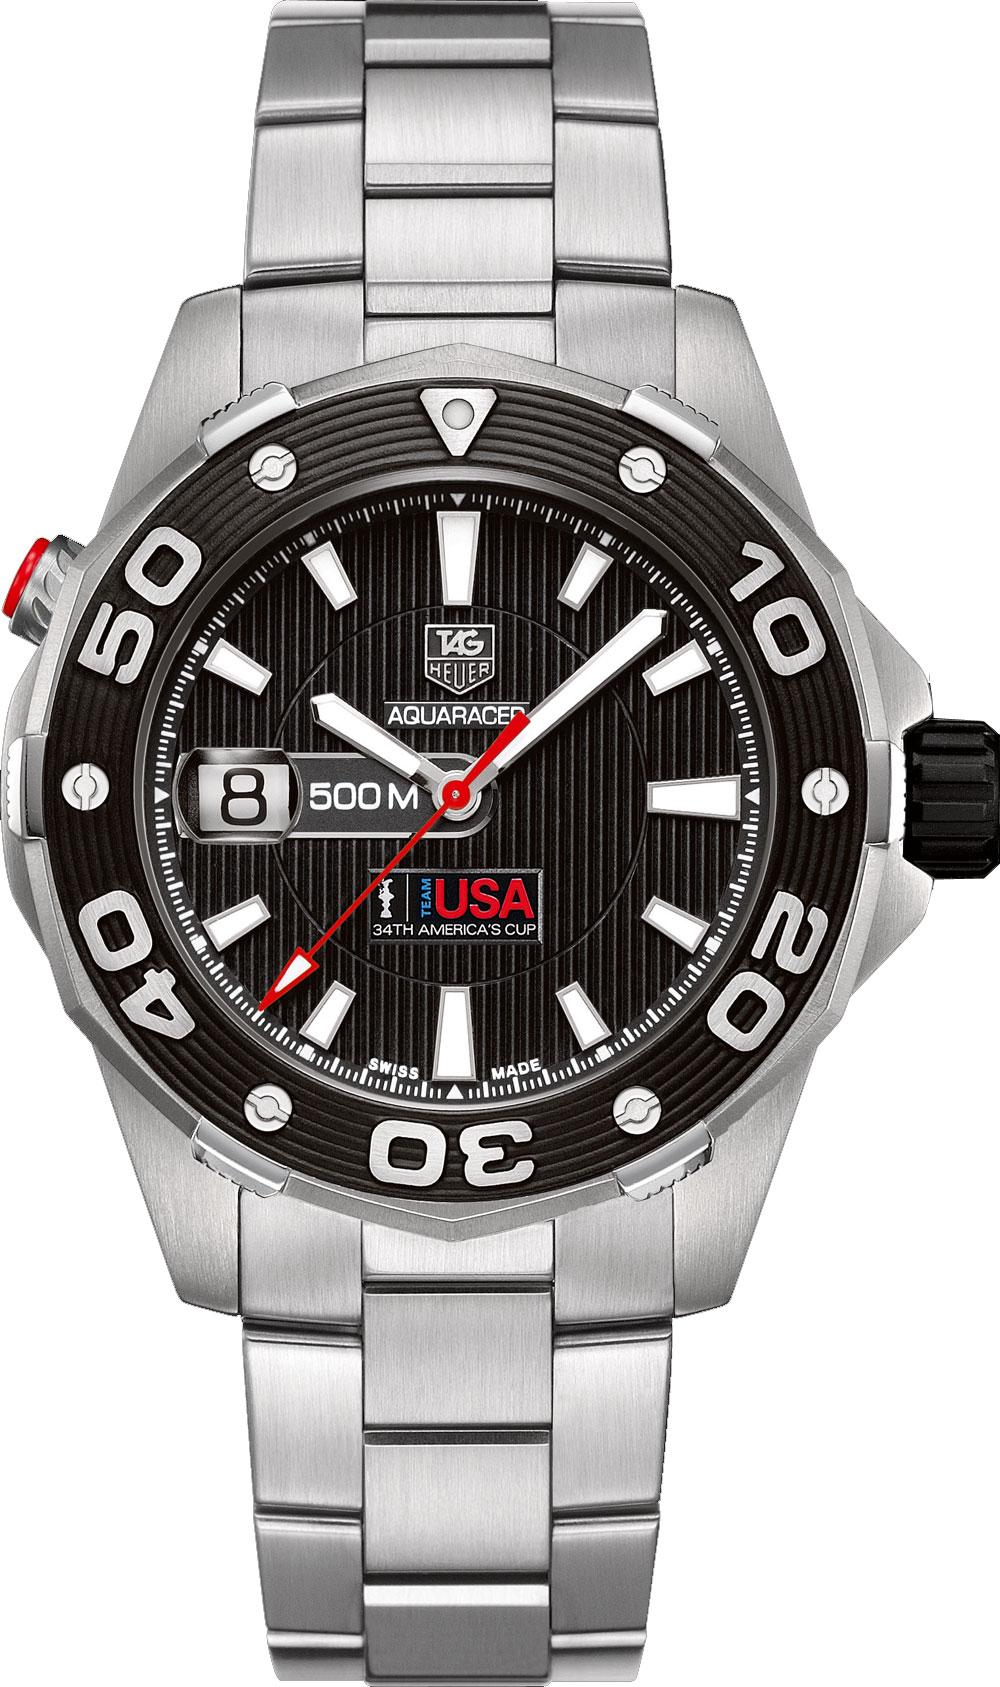 Tag heuer aquaracer 500m calibre 5 men 39 s watch model waj2118 ba0870 for The tag heuer aquaracer